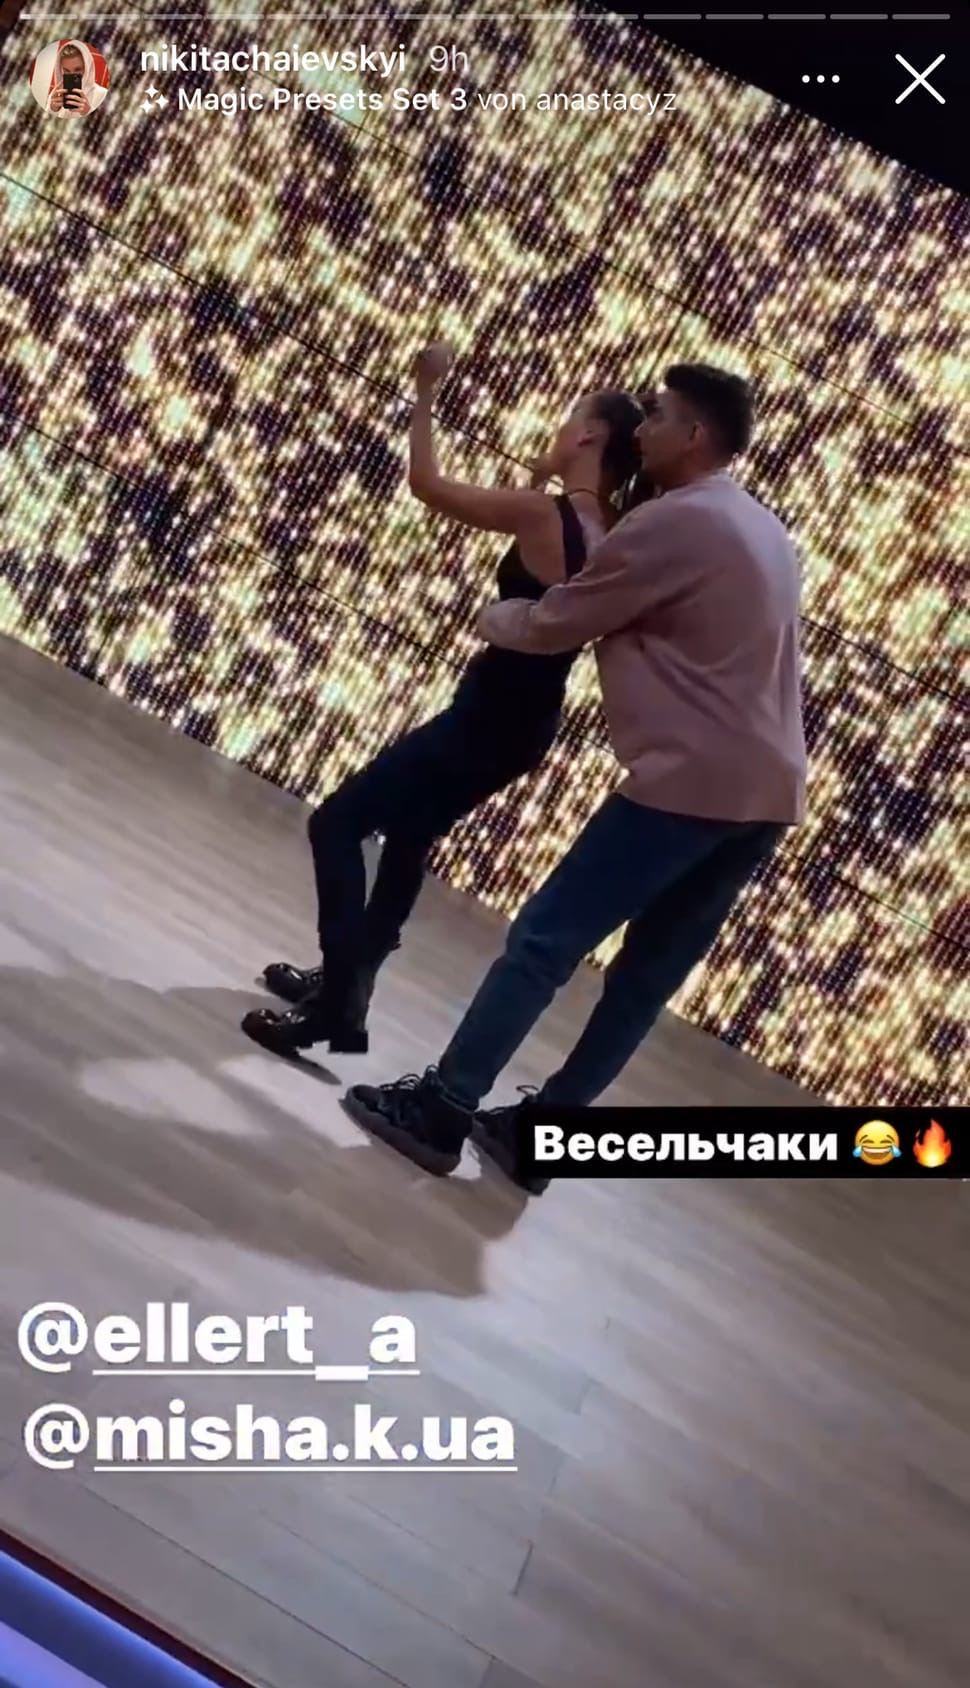 Ksenia Mishina - Sasha Ellert - Bachelorette Ukraine -  Season 1 - Discussion  - Page 6 0bxJBWLxJ74